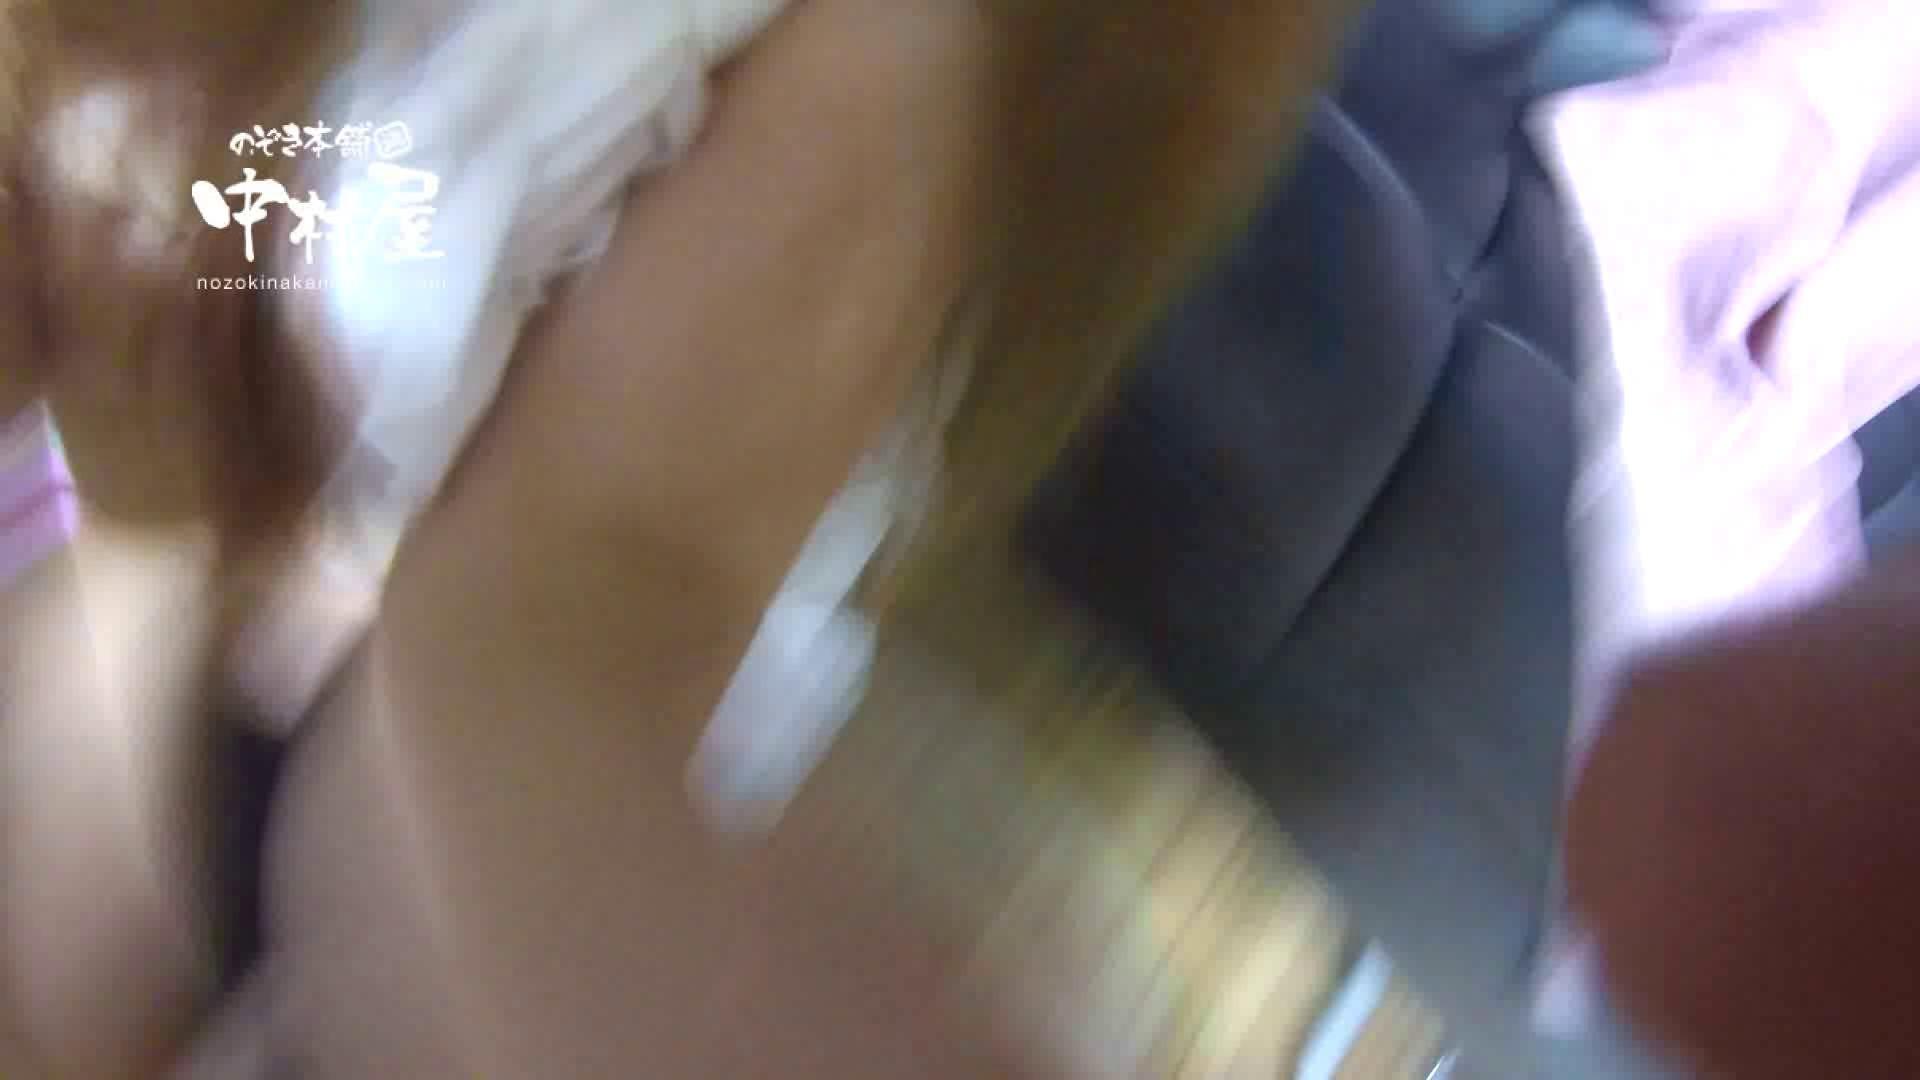 鬼畜 vol.18 居酒屋バイト時代の同僚に中出ししてみる 前編 鬼畜 おまんこ動画流出 100pic 5